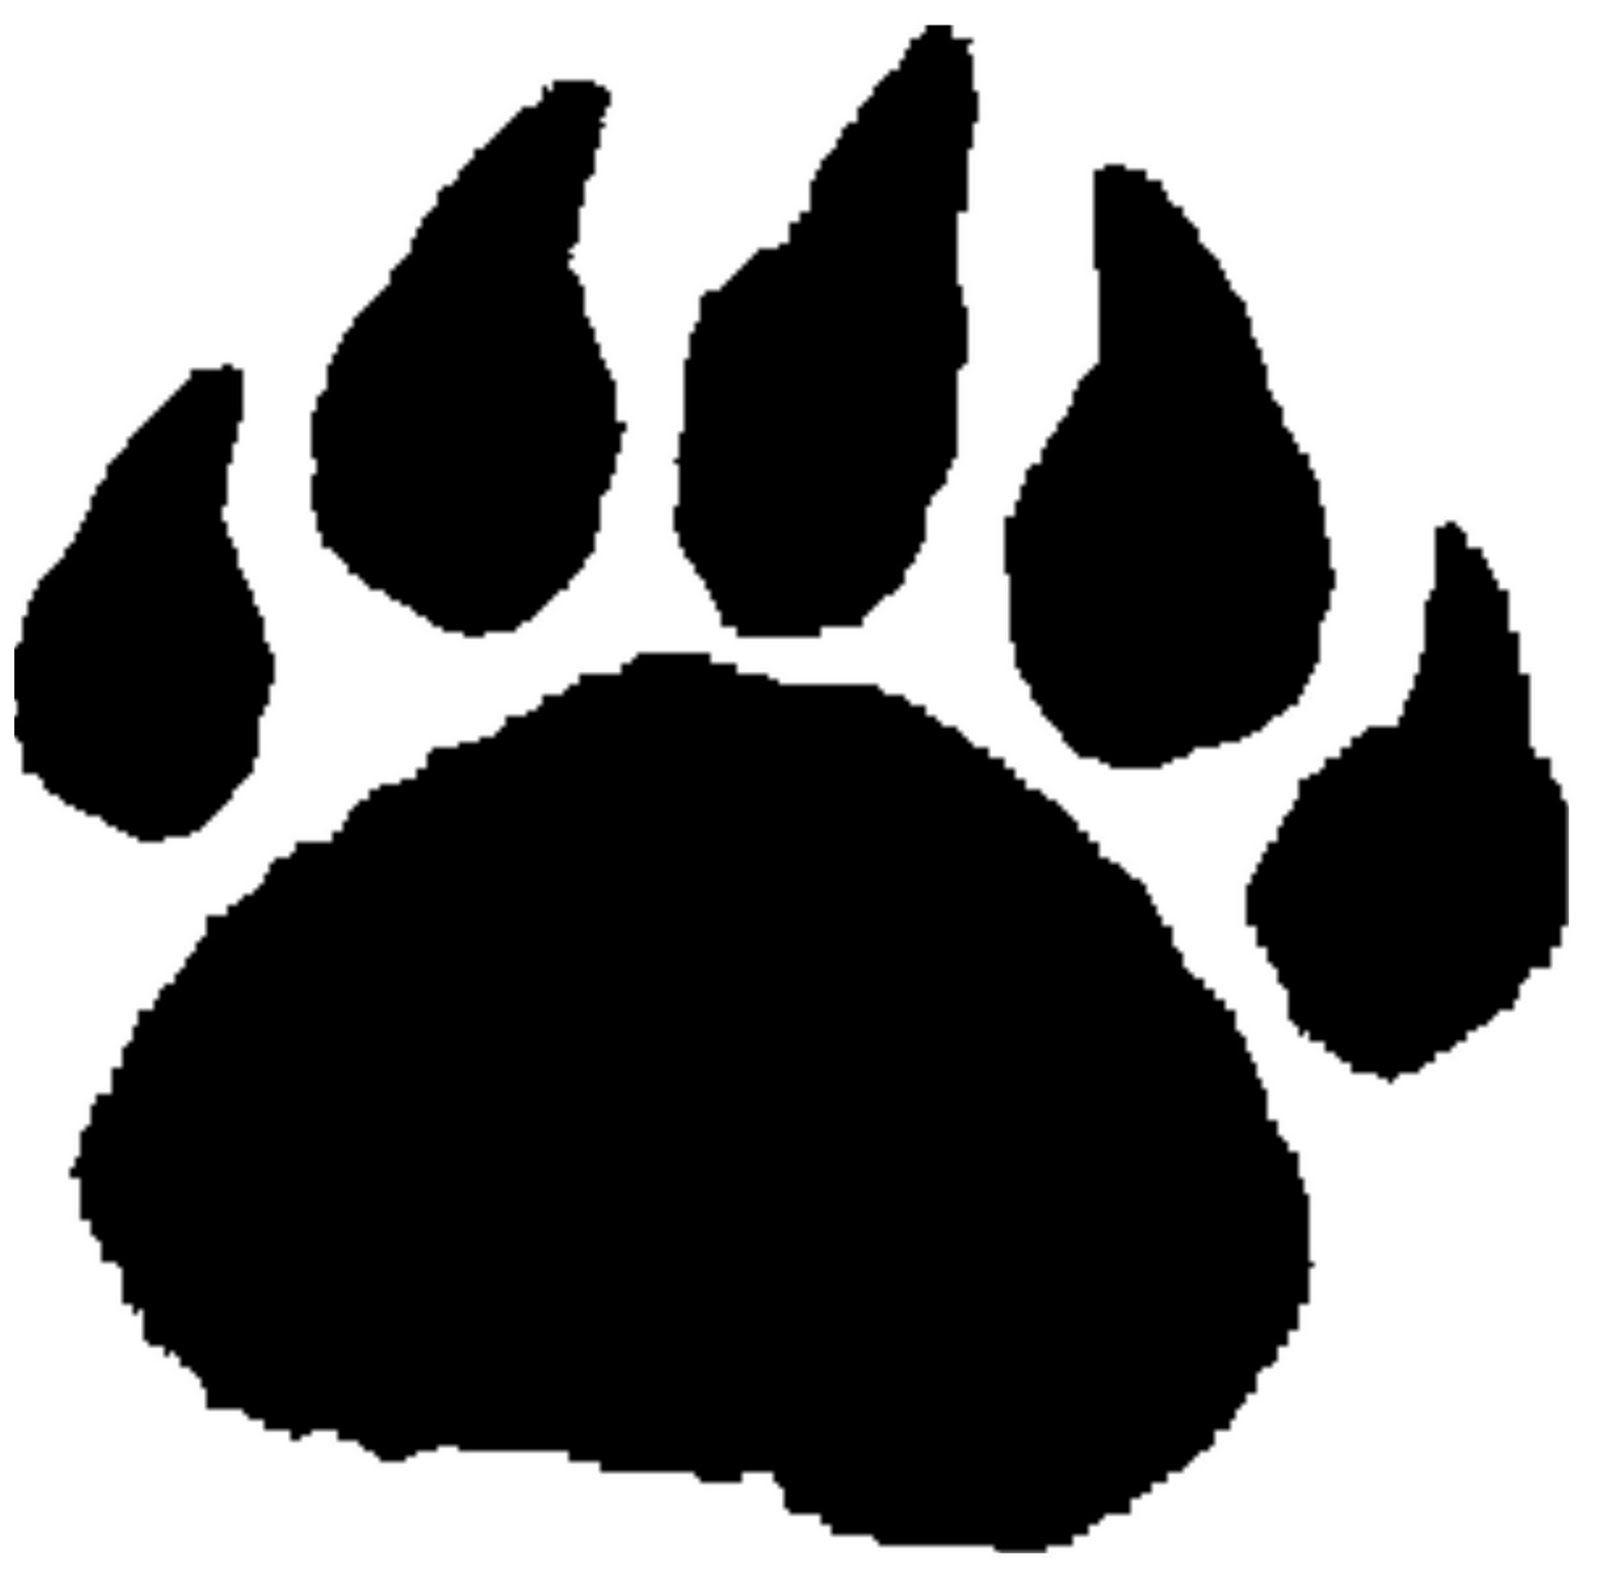 Bear Paw Print Drawing Not Filled - PeepsBurgh